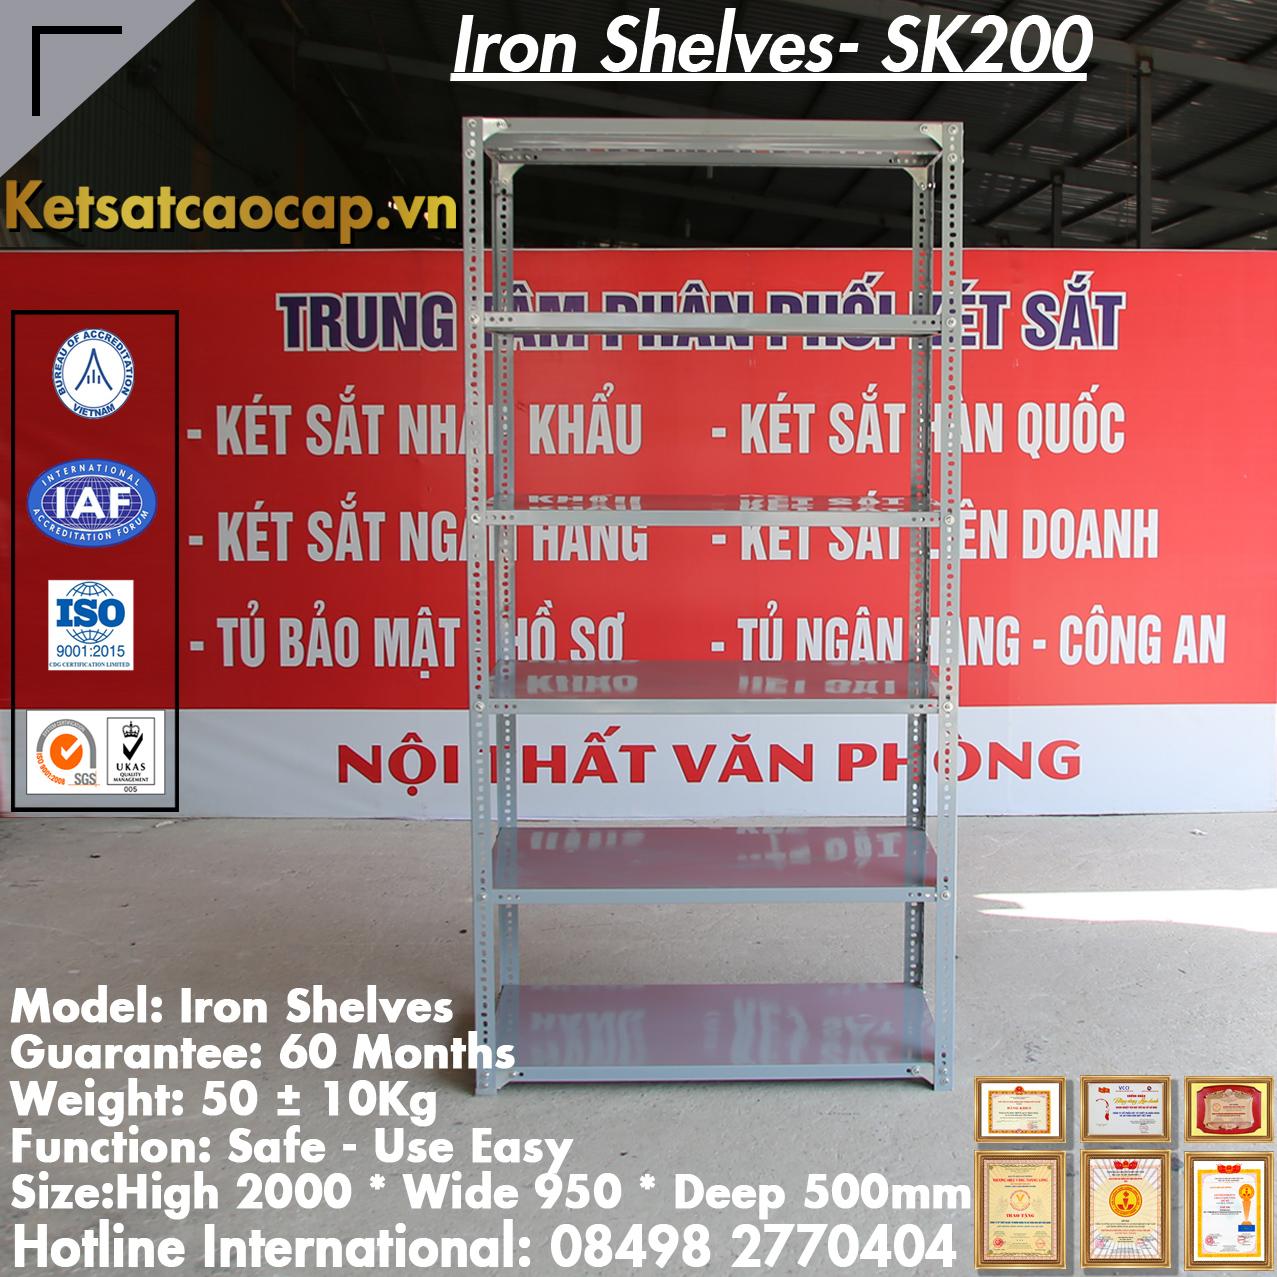 Kệ Sắt Đựng Hồ Sơ SK200